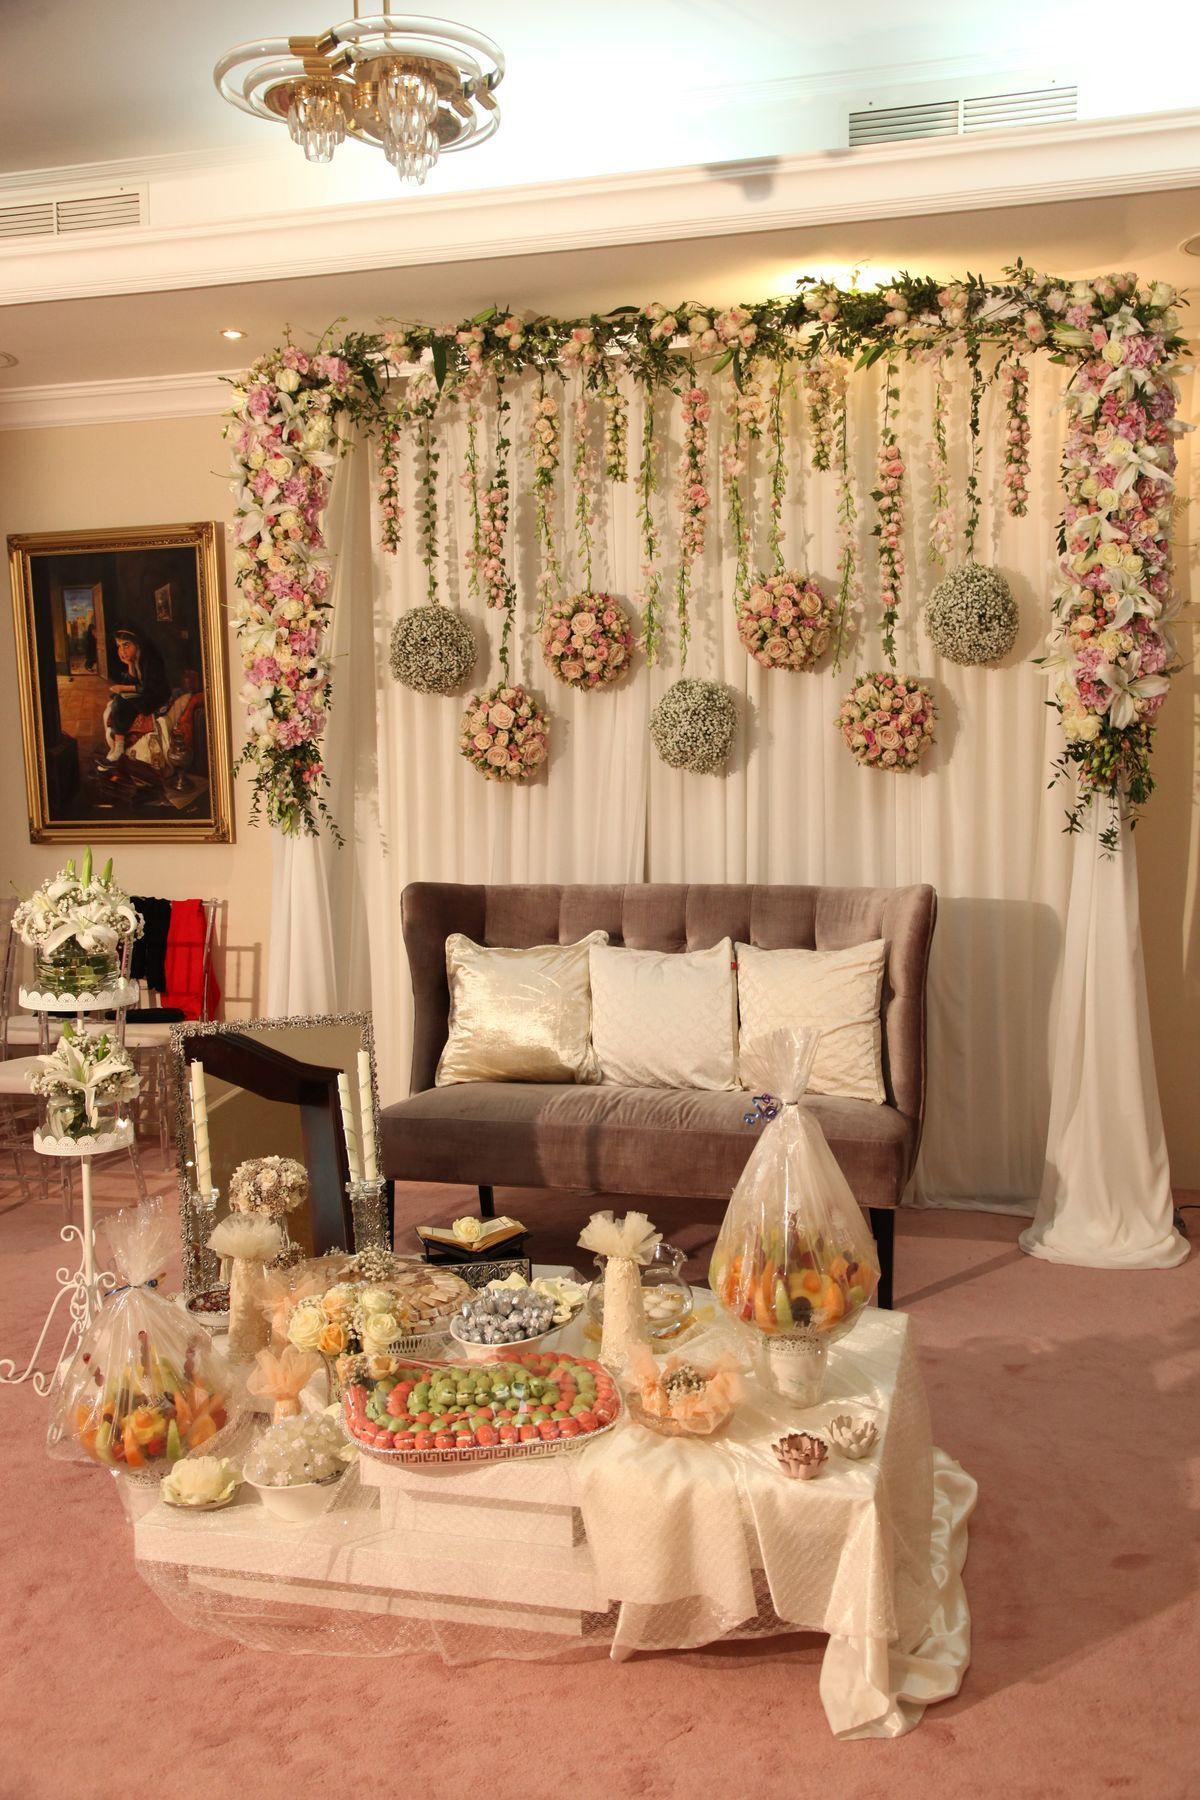 Wedding room decoration ideas 2018  Pin by Ta on Weddings in   Pinterest  Wedding Wedding